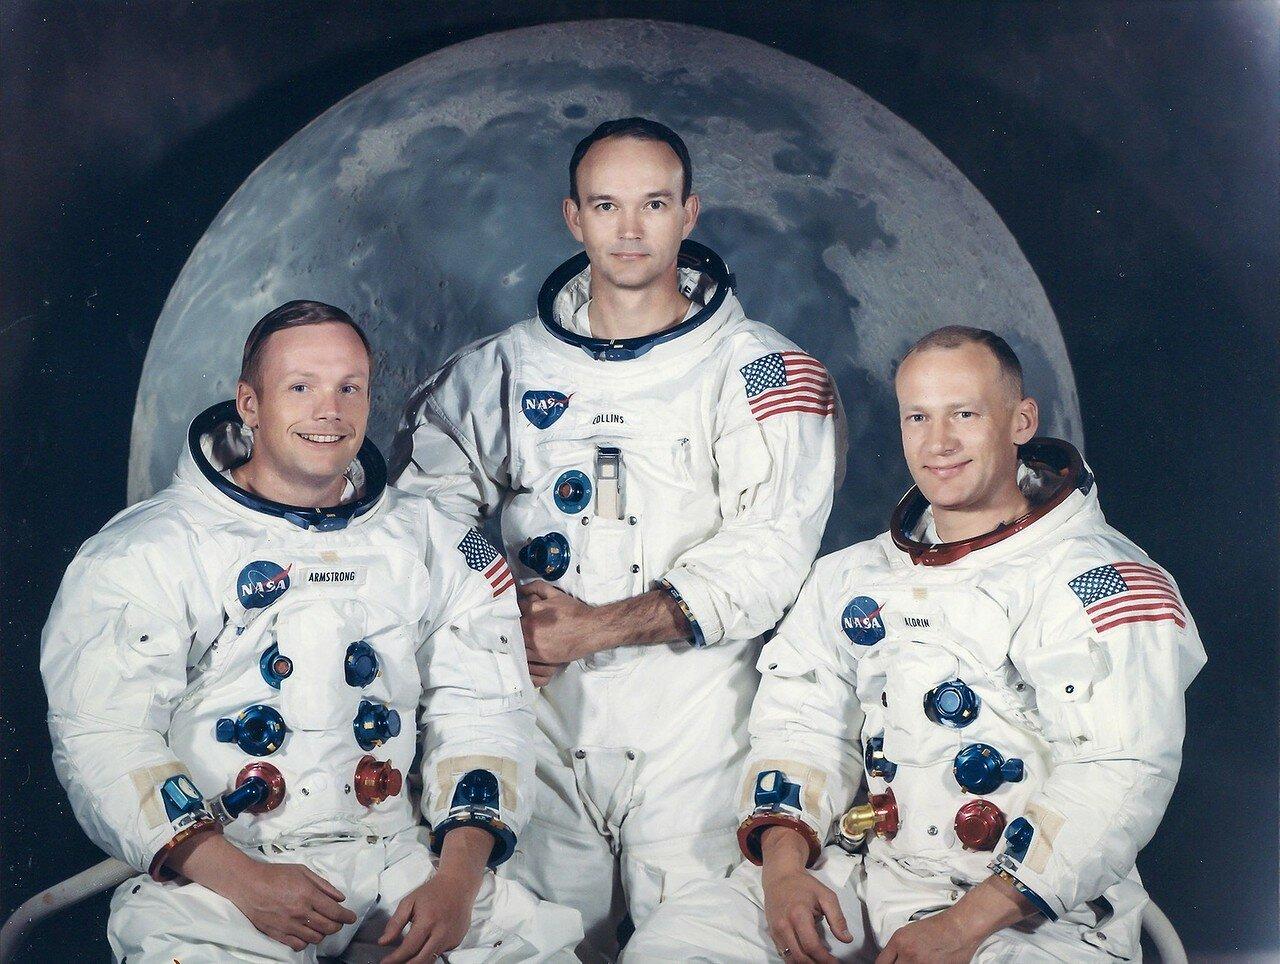 1969. «Аполлон-11» — пилотируемый космический корабль, в ходе полёта которого 16—24 июля 1969 года жители Земли впервые в истории совершили посадку на поверхность другого небесного тела — Луны. На снимке официальный портрет экипажа «Аполлона-11»